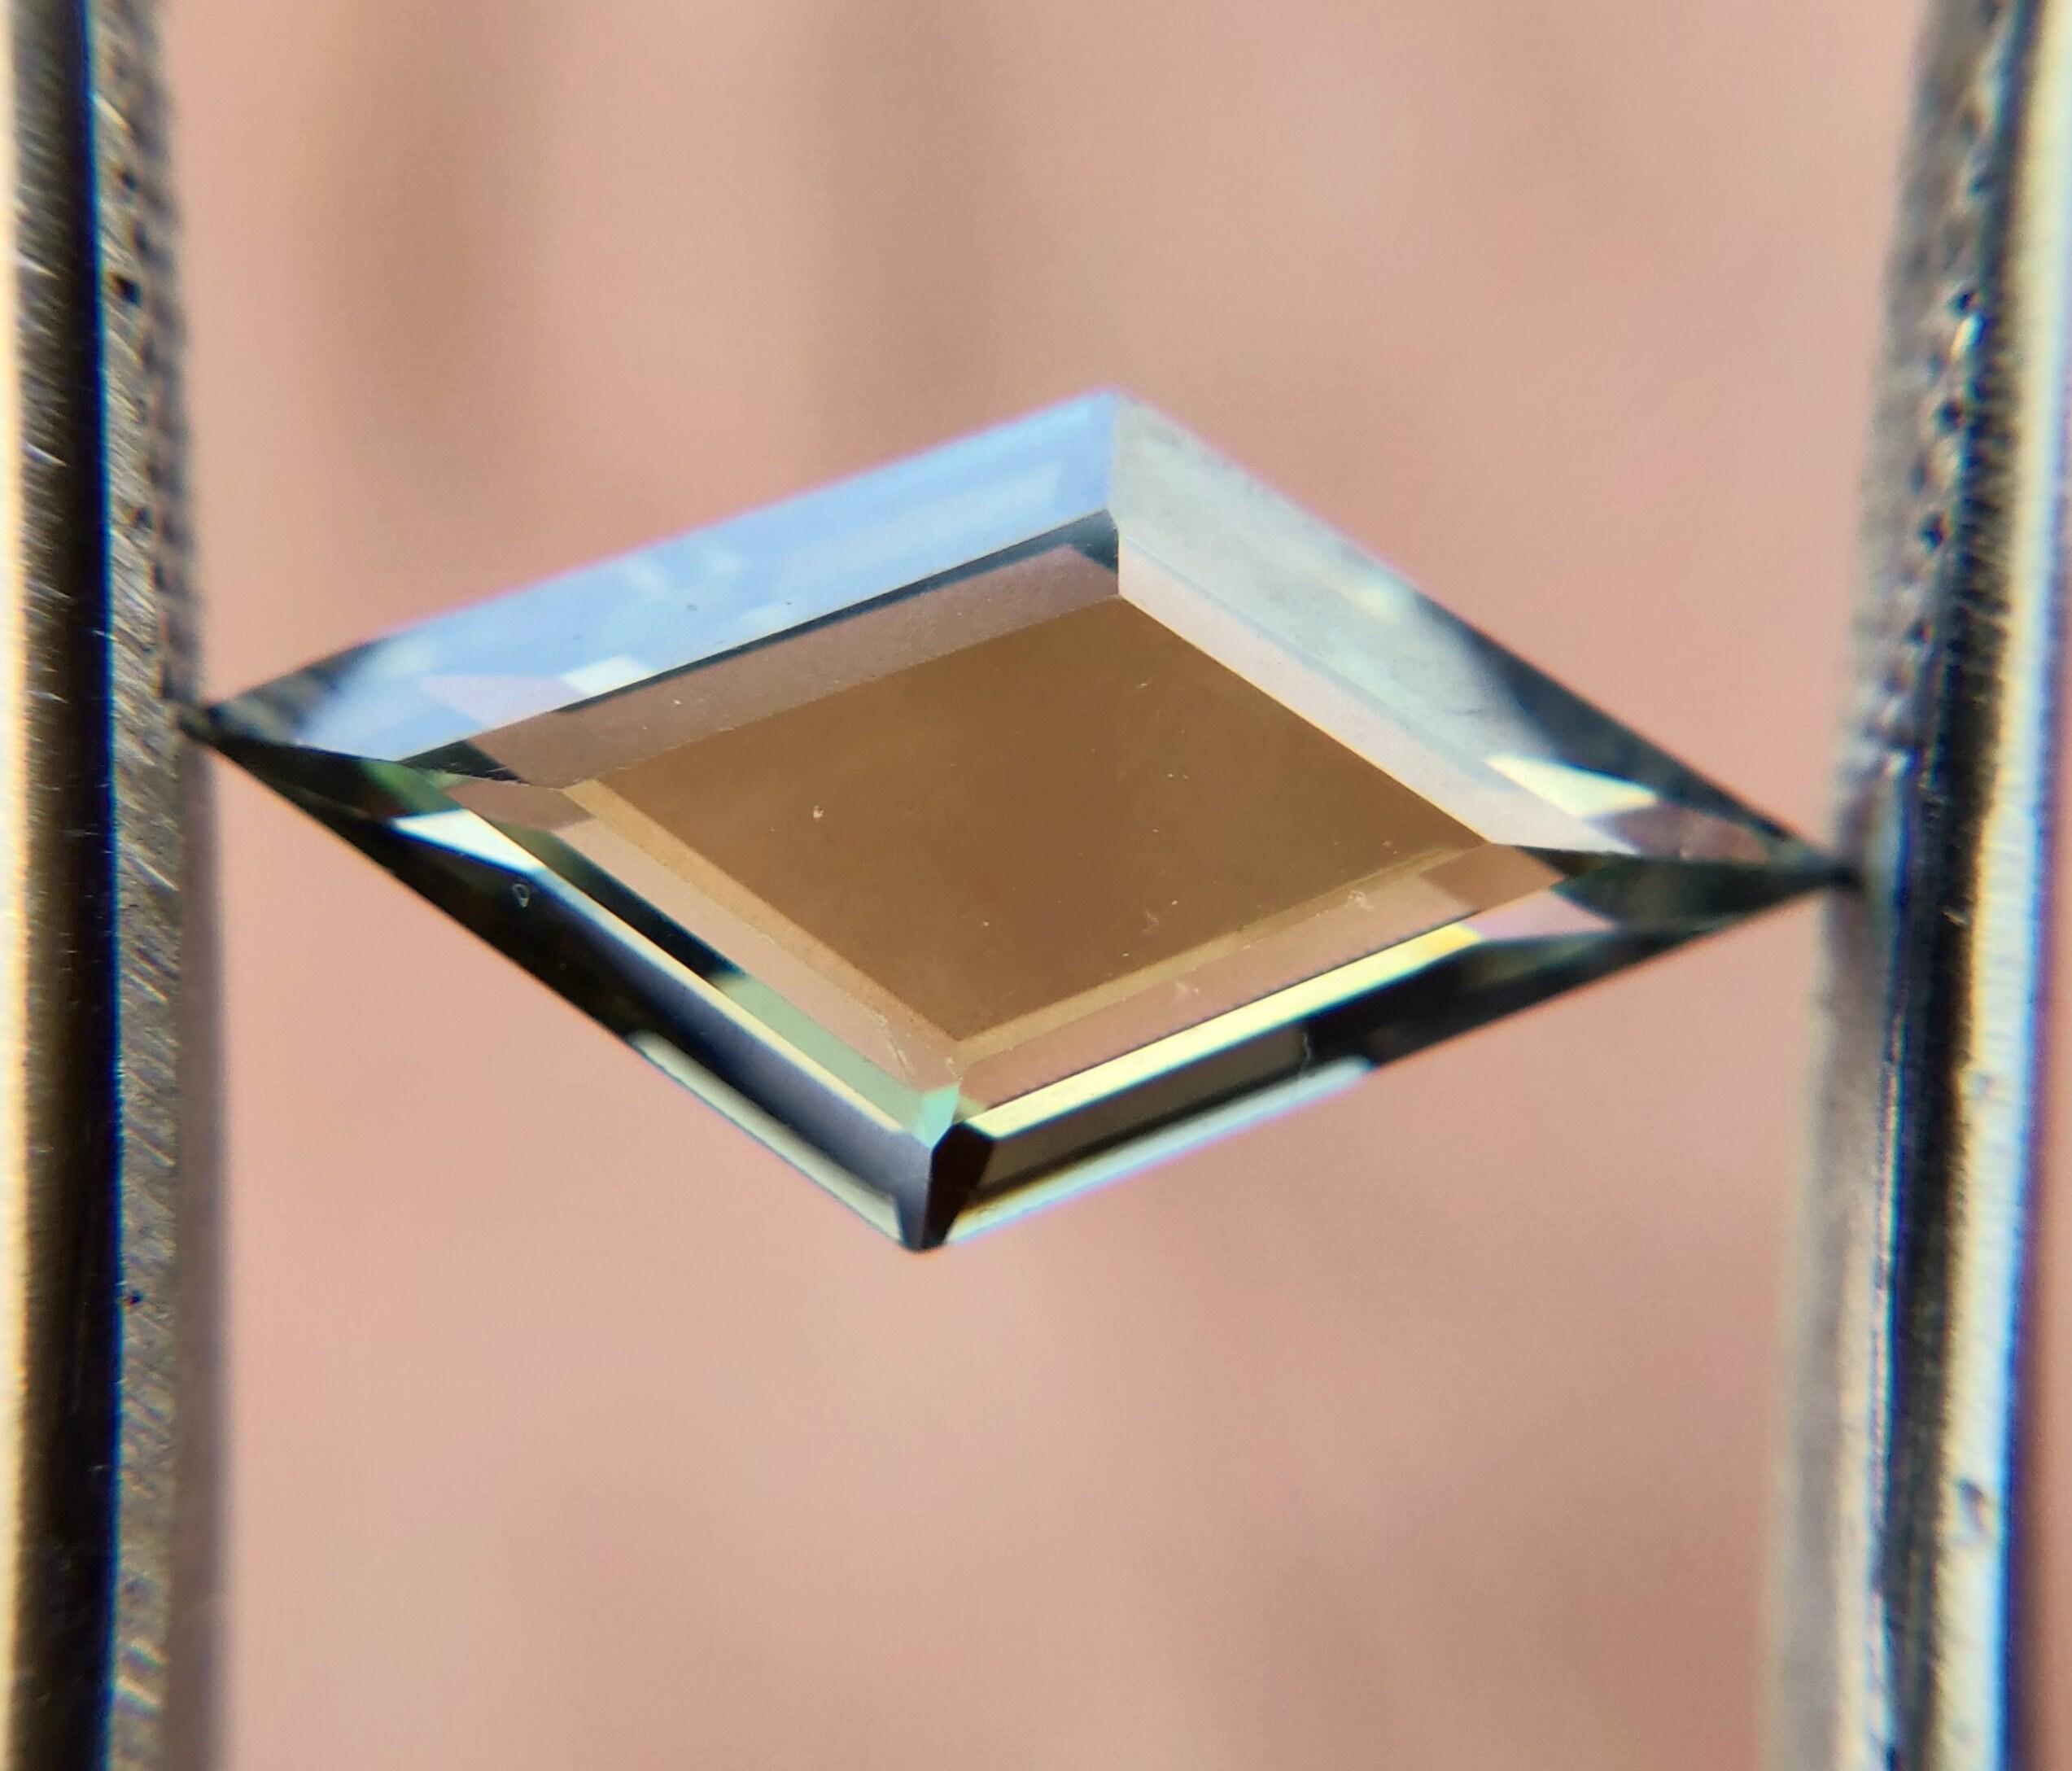 1,66 carat 14.21 * 7,71 * * * 2,54 MM Rose coupe inégale Moissanite avec Inclusion pour la fabrication de bague/pendentif   Moissanite en vrac   Rose Cut Moissanite inégale 63d37d